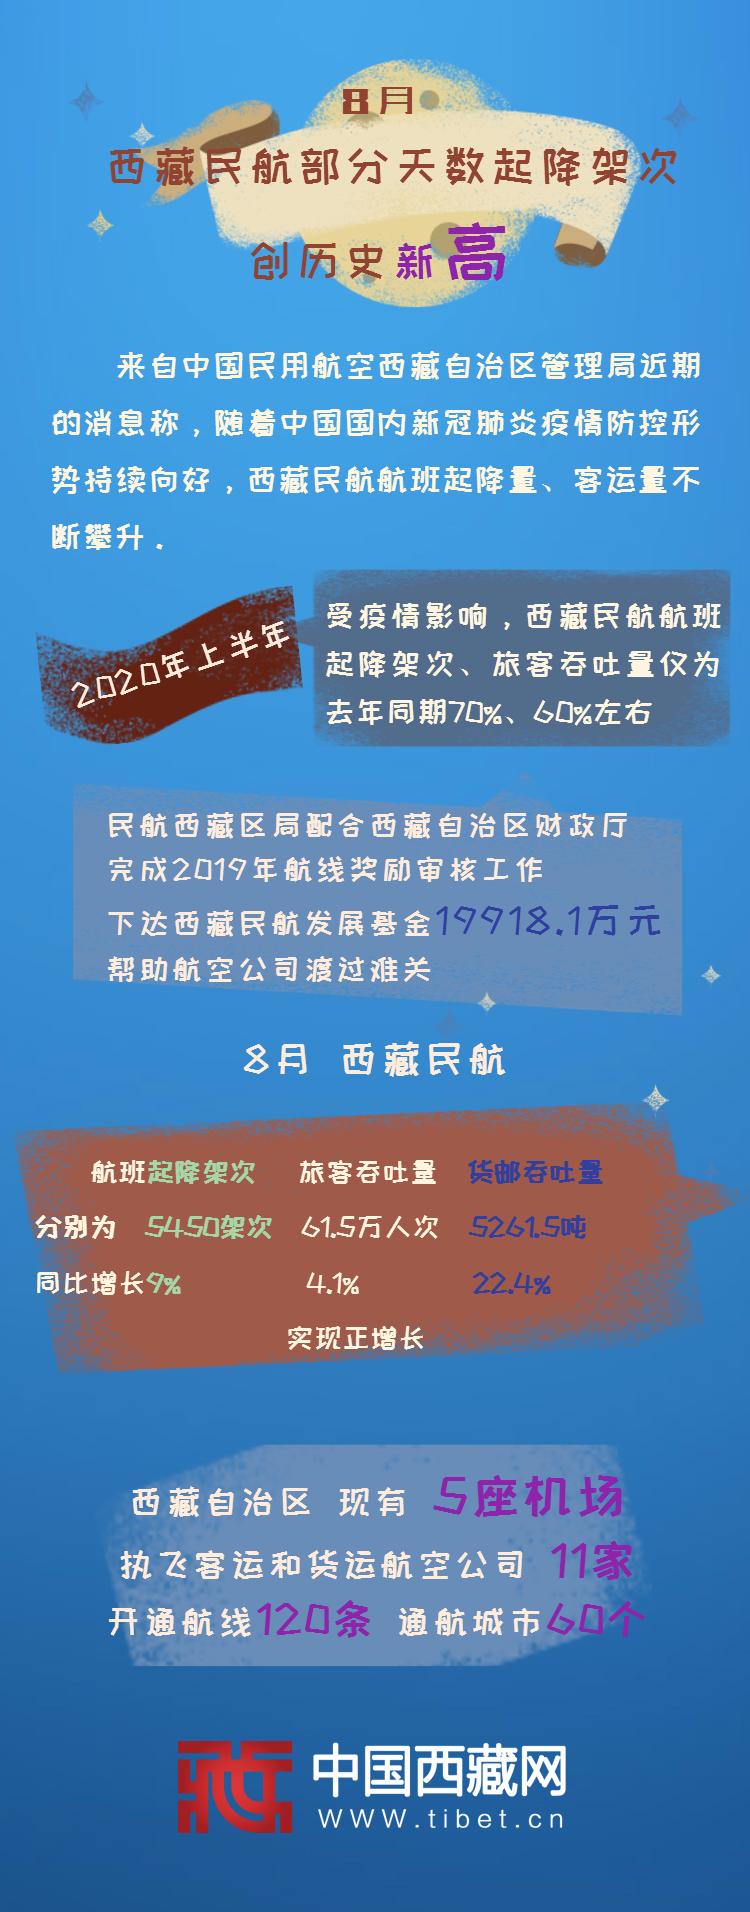 8月西藏民航部分天数起降架次创历史新高